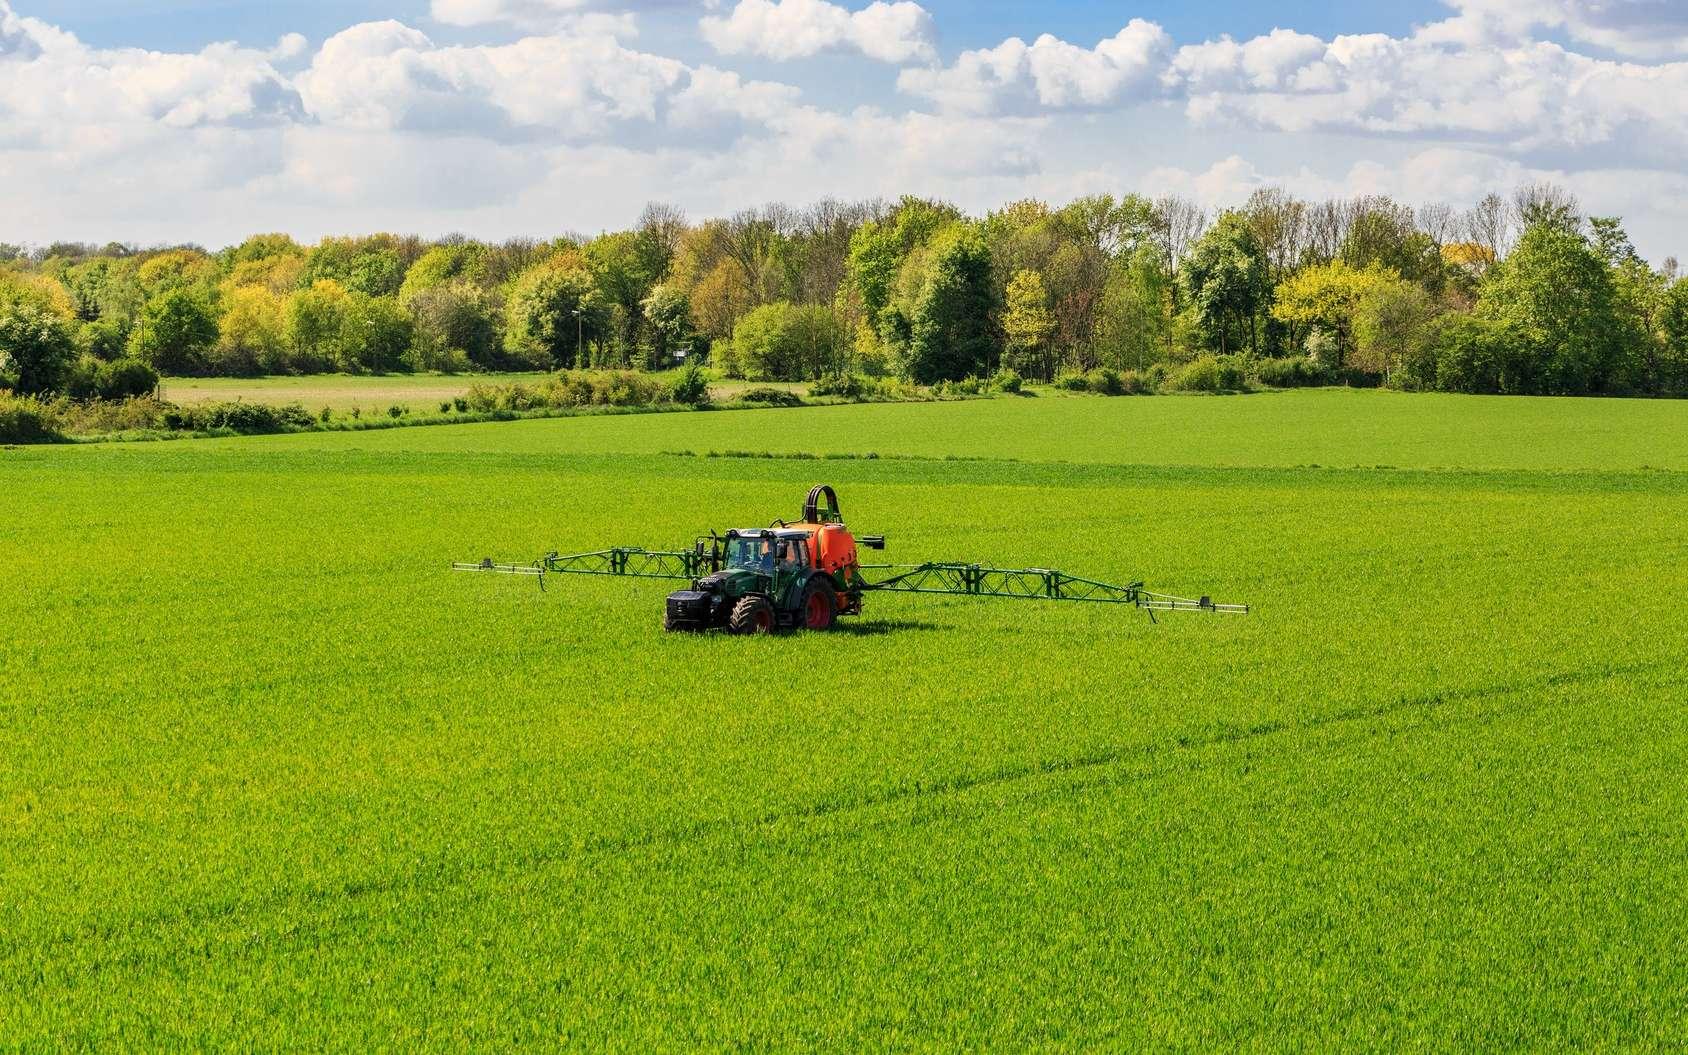 Roundup : l'exposition au glyphosate augmenterait de 40 % le risque de certains cancers